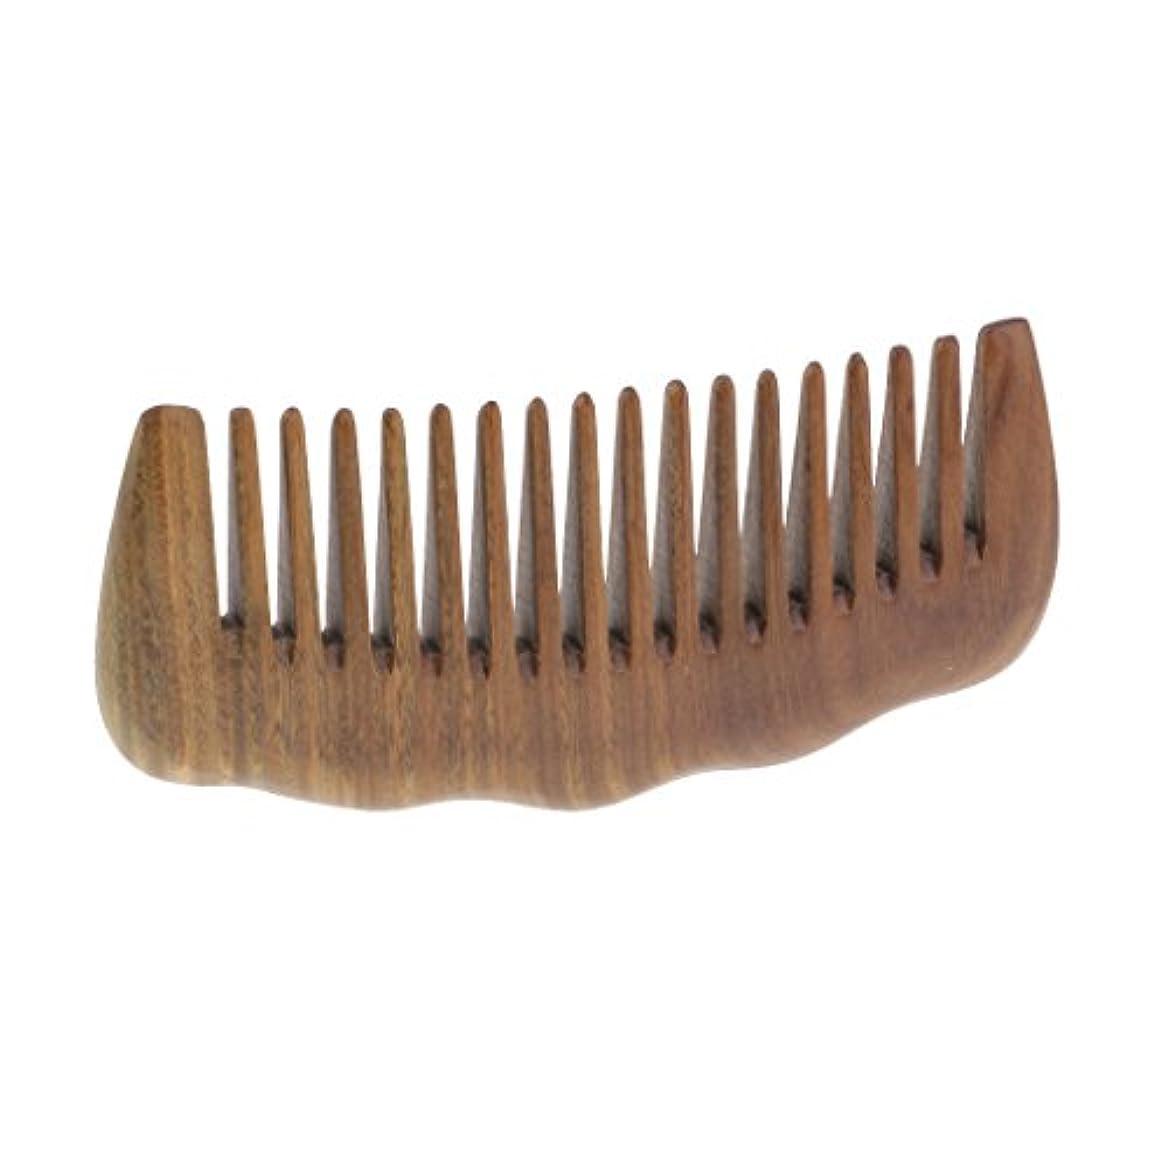 起きる来て採用T TOOYFUL 広い歯の櫛のサンダルウッドのアロママッサージの毛のもつれを解くブラシのひげの櫛